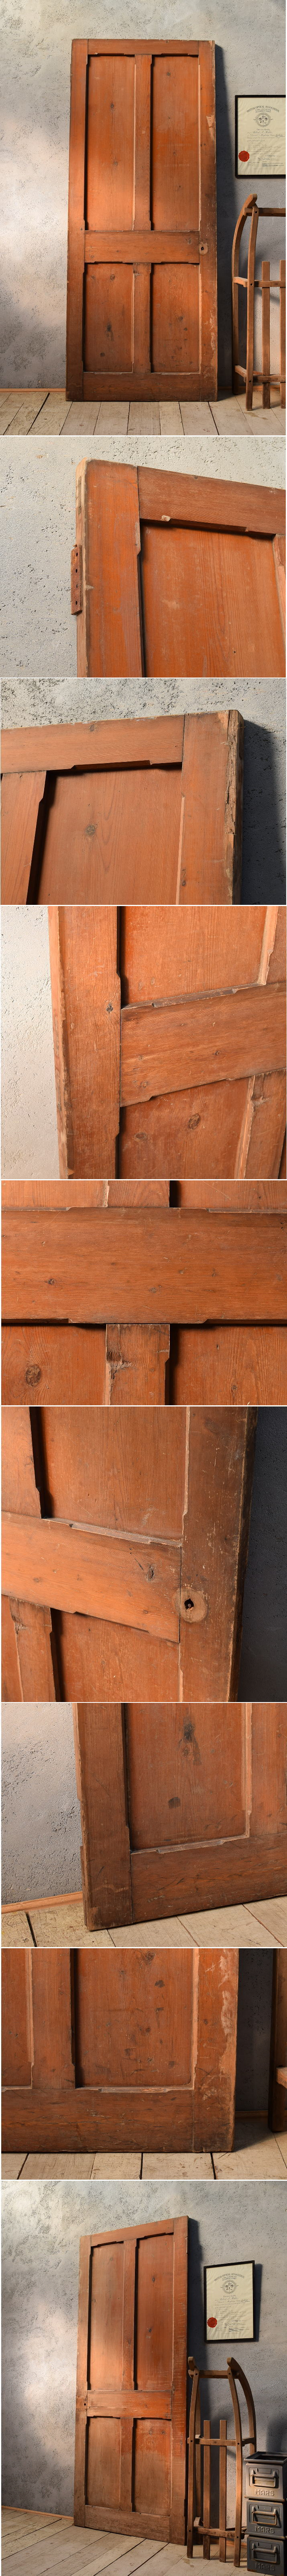 イギリス アンティーク オールドパインドア ディスプレイ 建具 6712